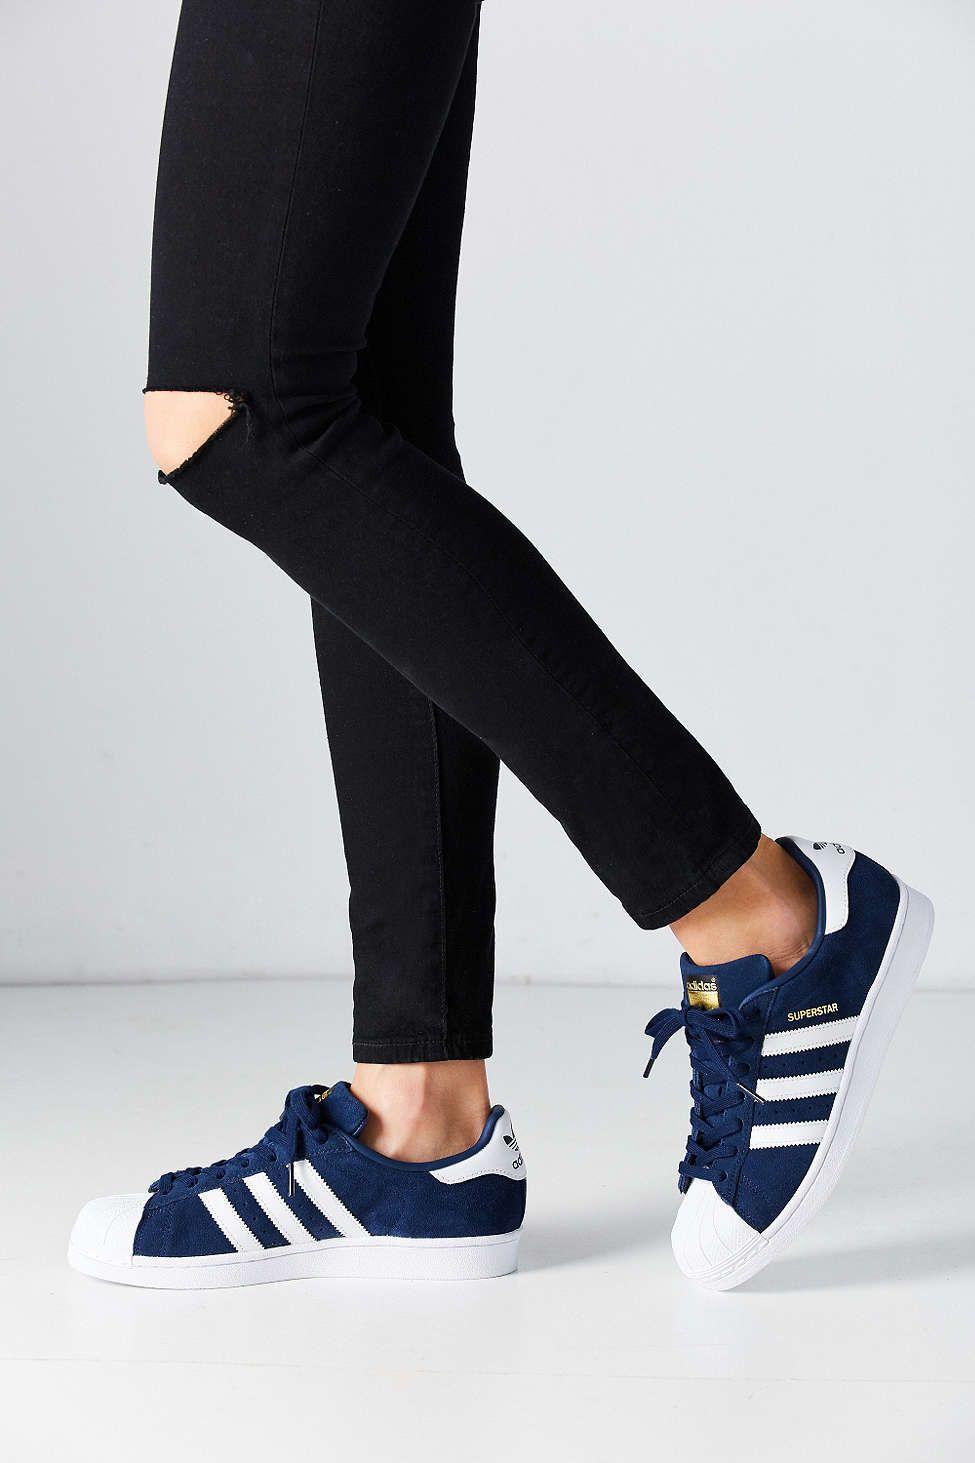 Suede Y Y Adidas SneakerCZapatosZapatos SneakerCZapatosZapatos Superstar Adidas Superstar Suede wvmNn80